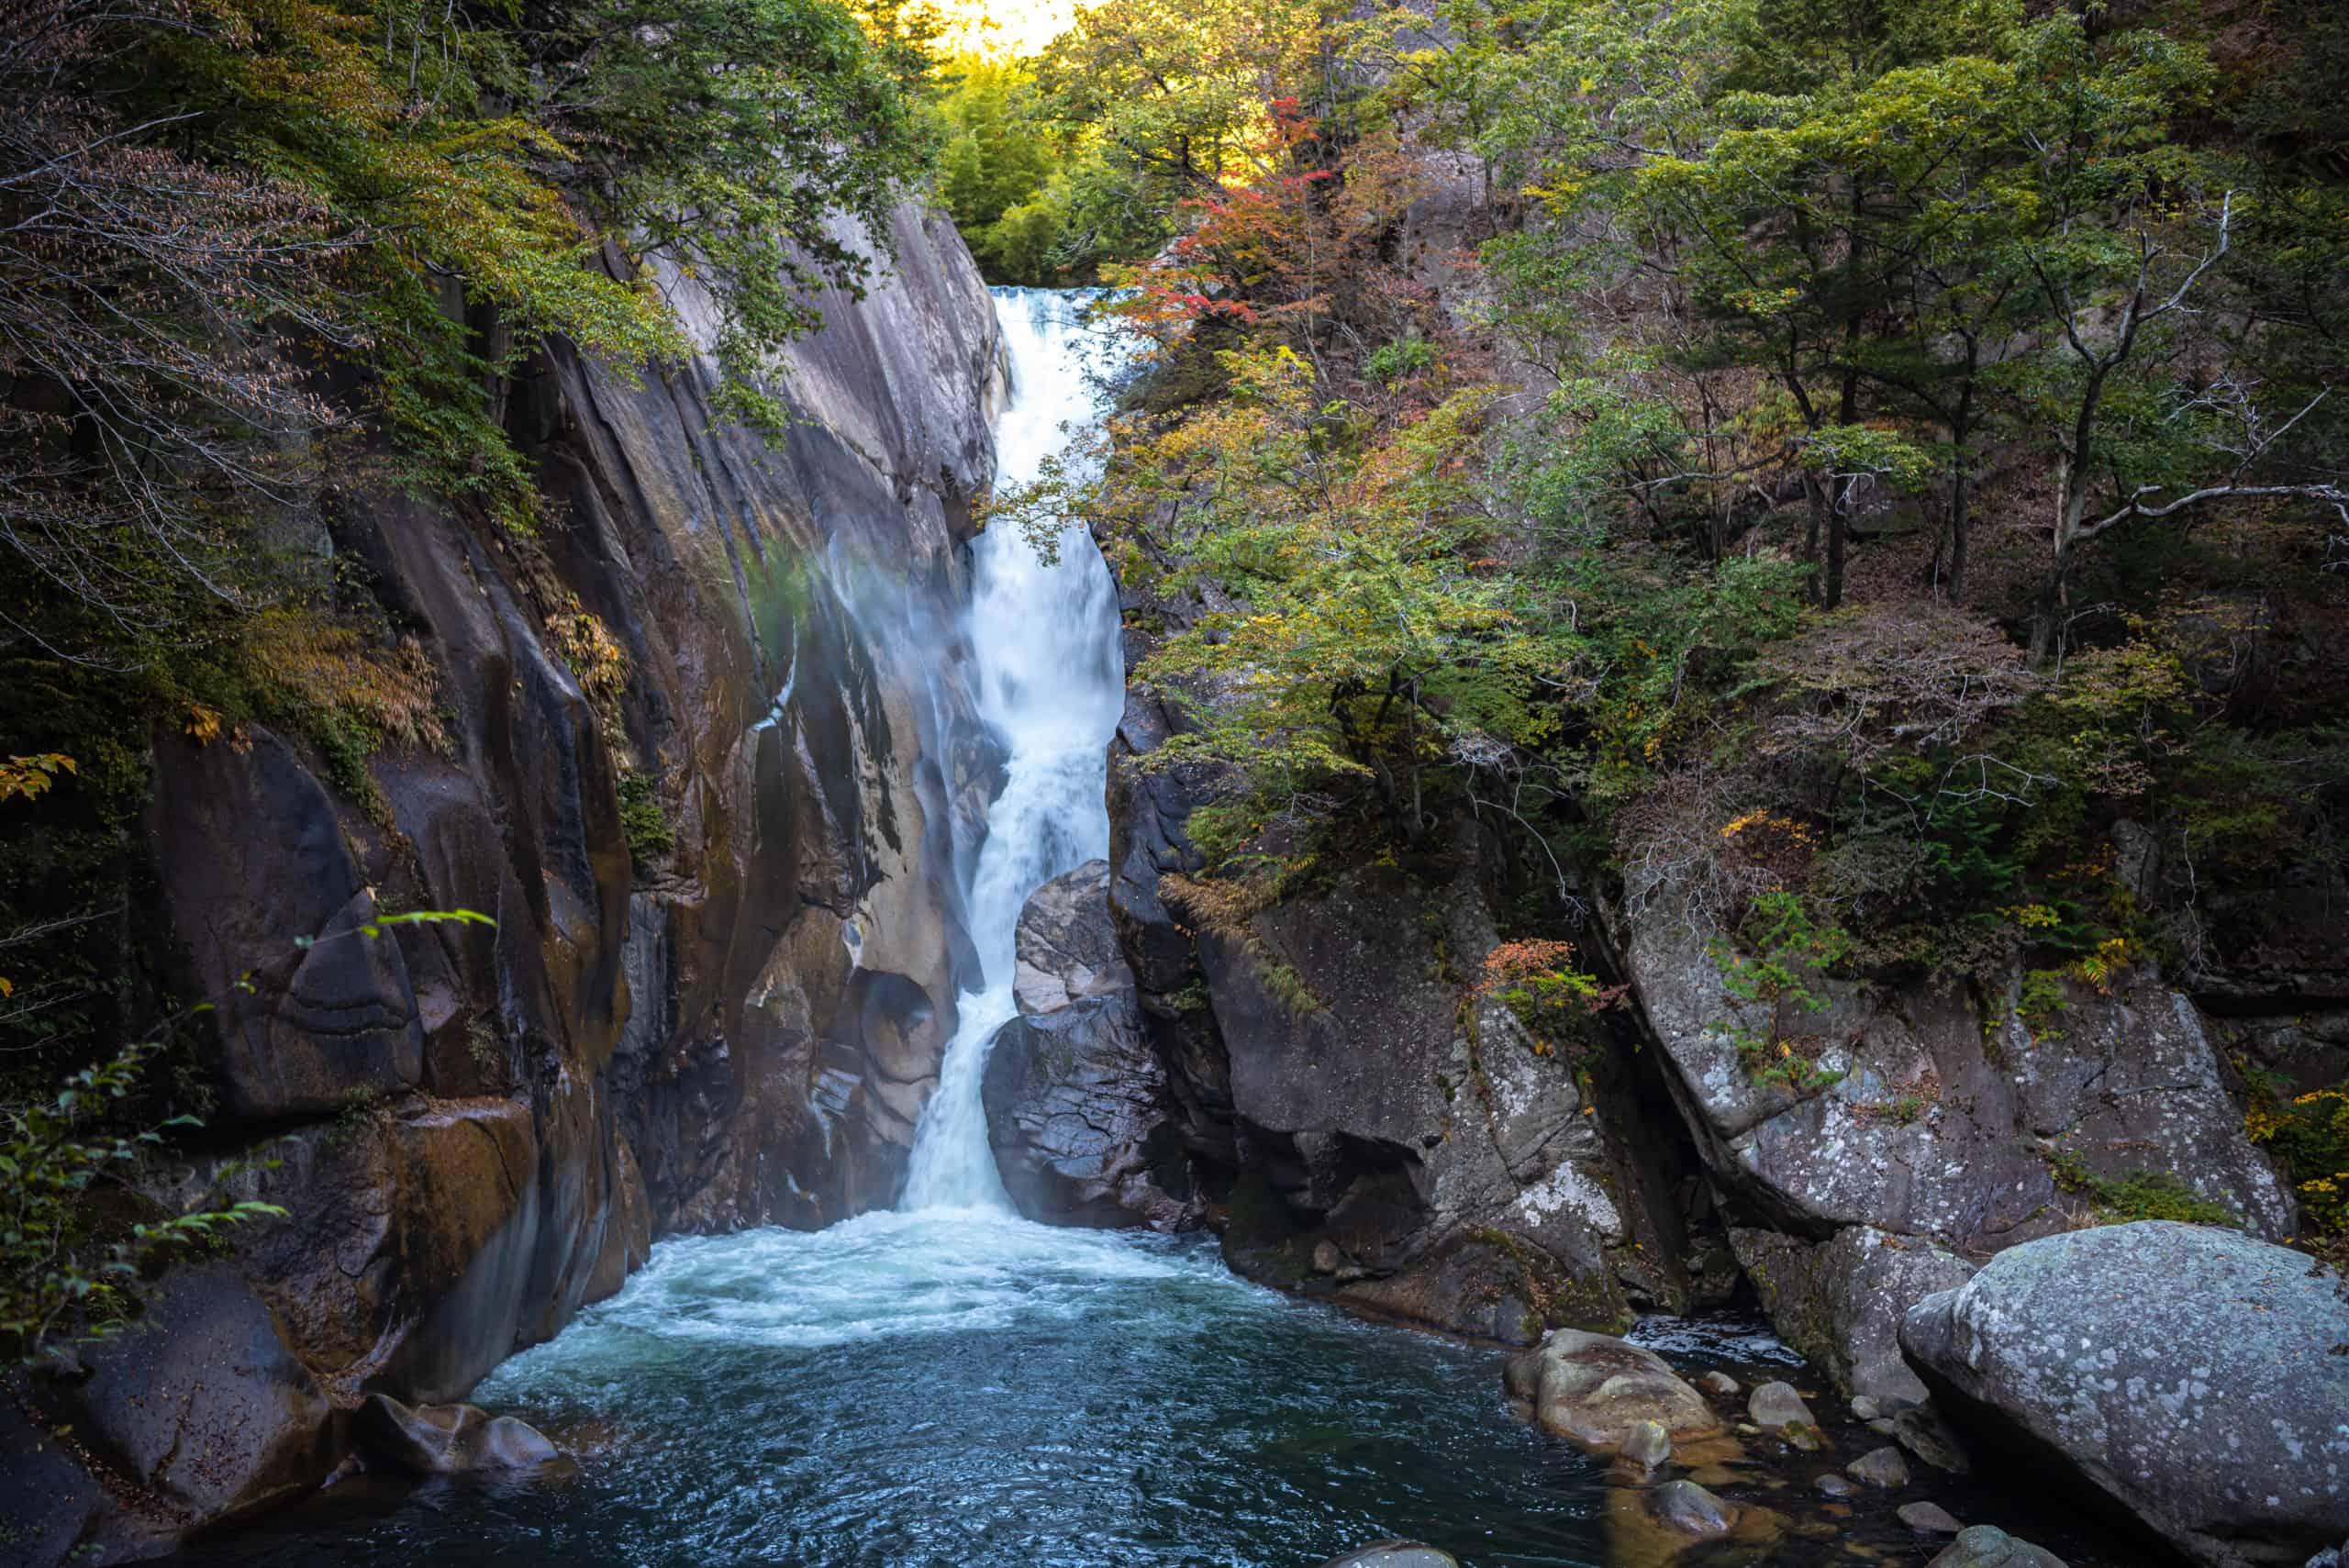 Senga Falls - Best waterfalls in Japan